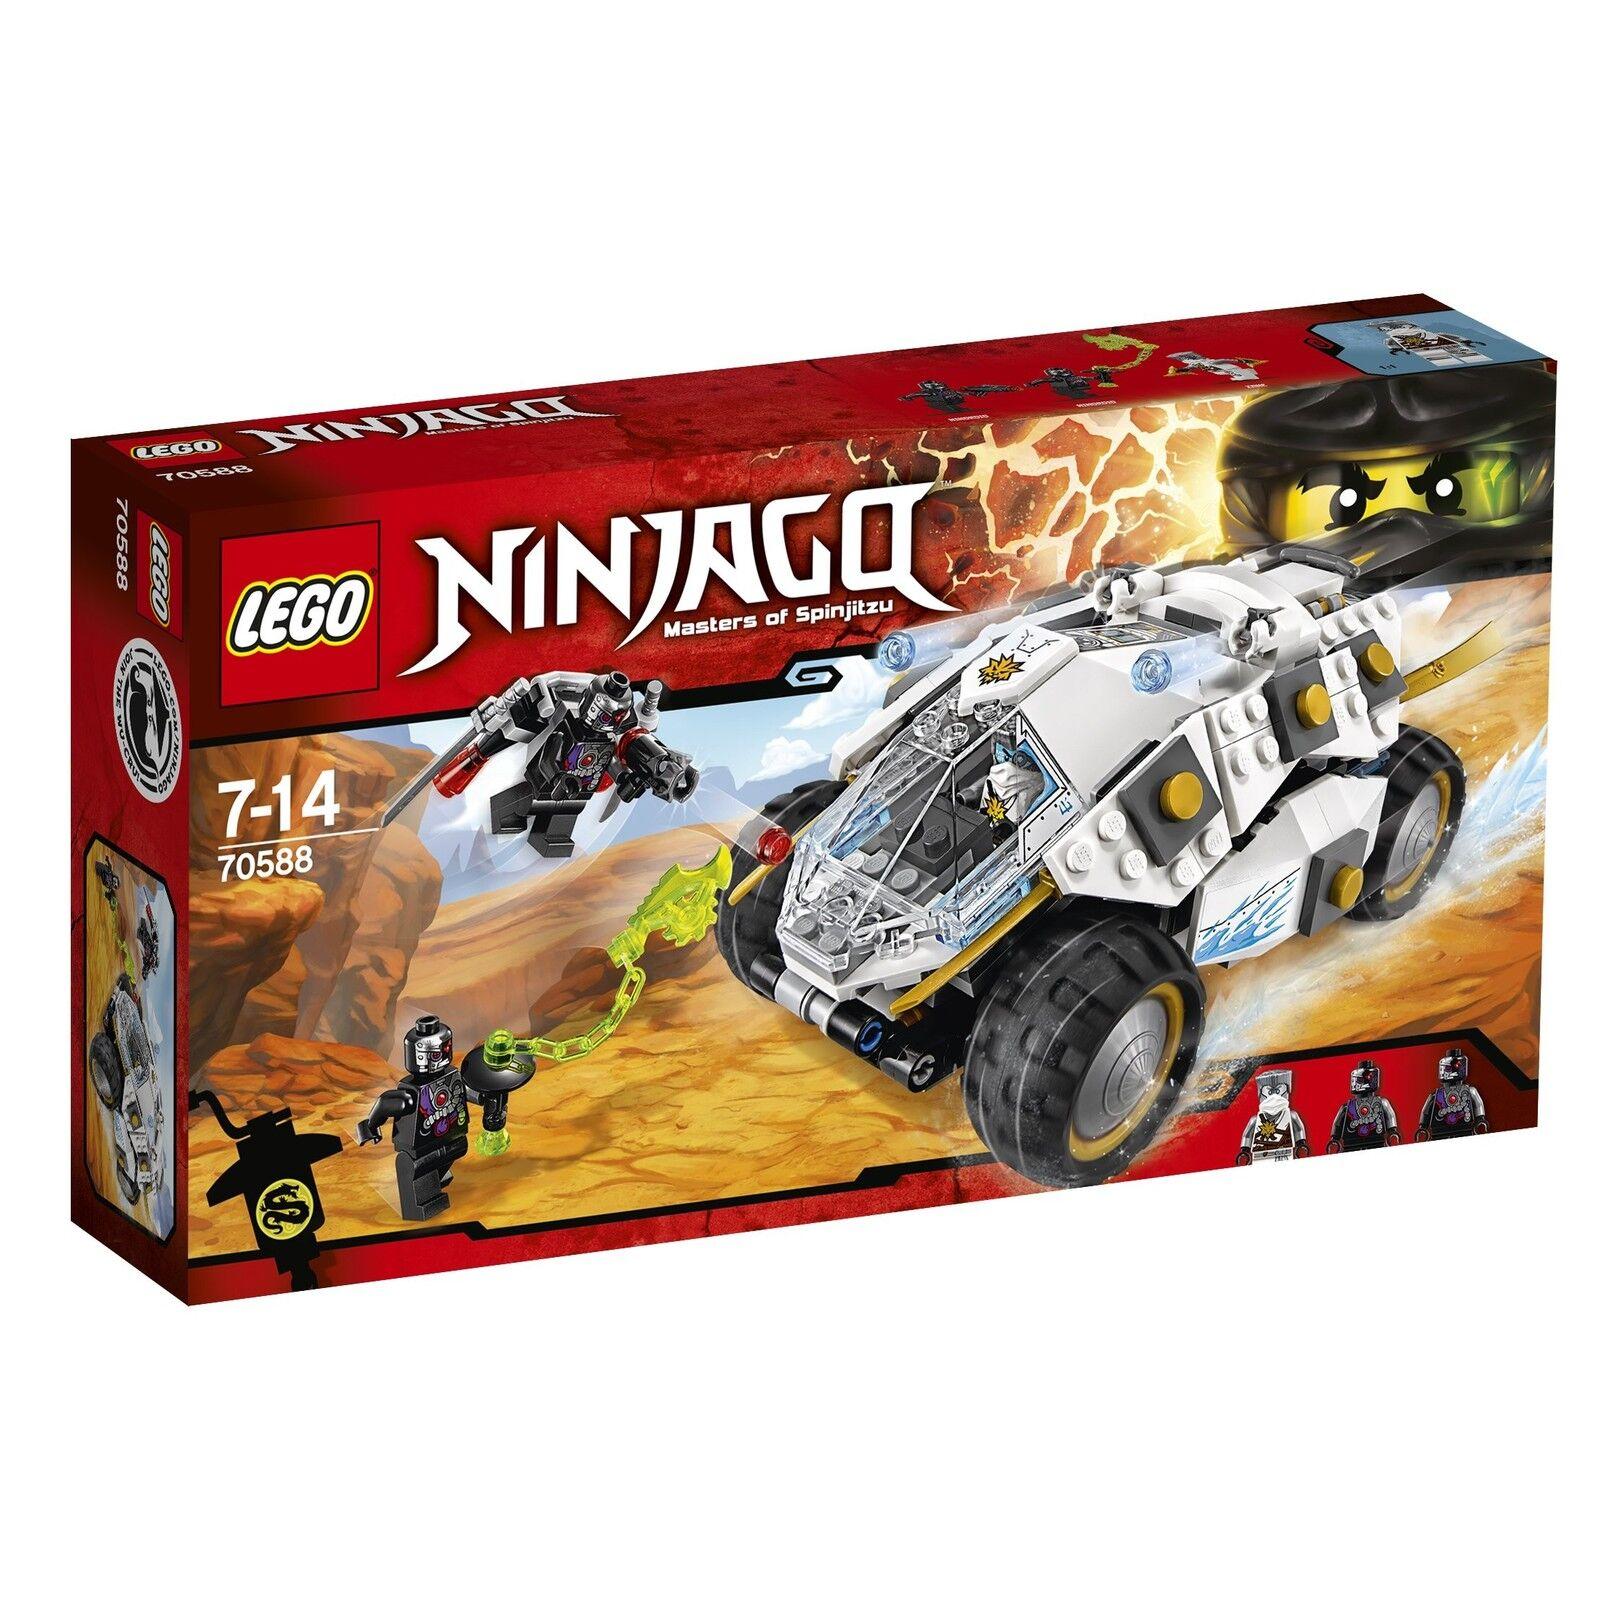 LEGO 70588 Ninjago Titan Ninja Tumbler Building Set